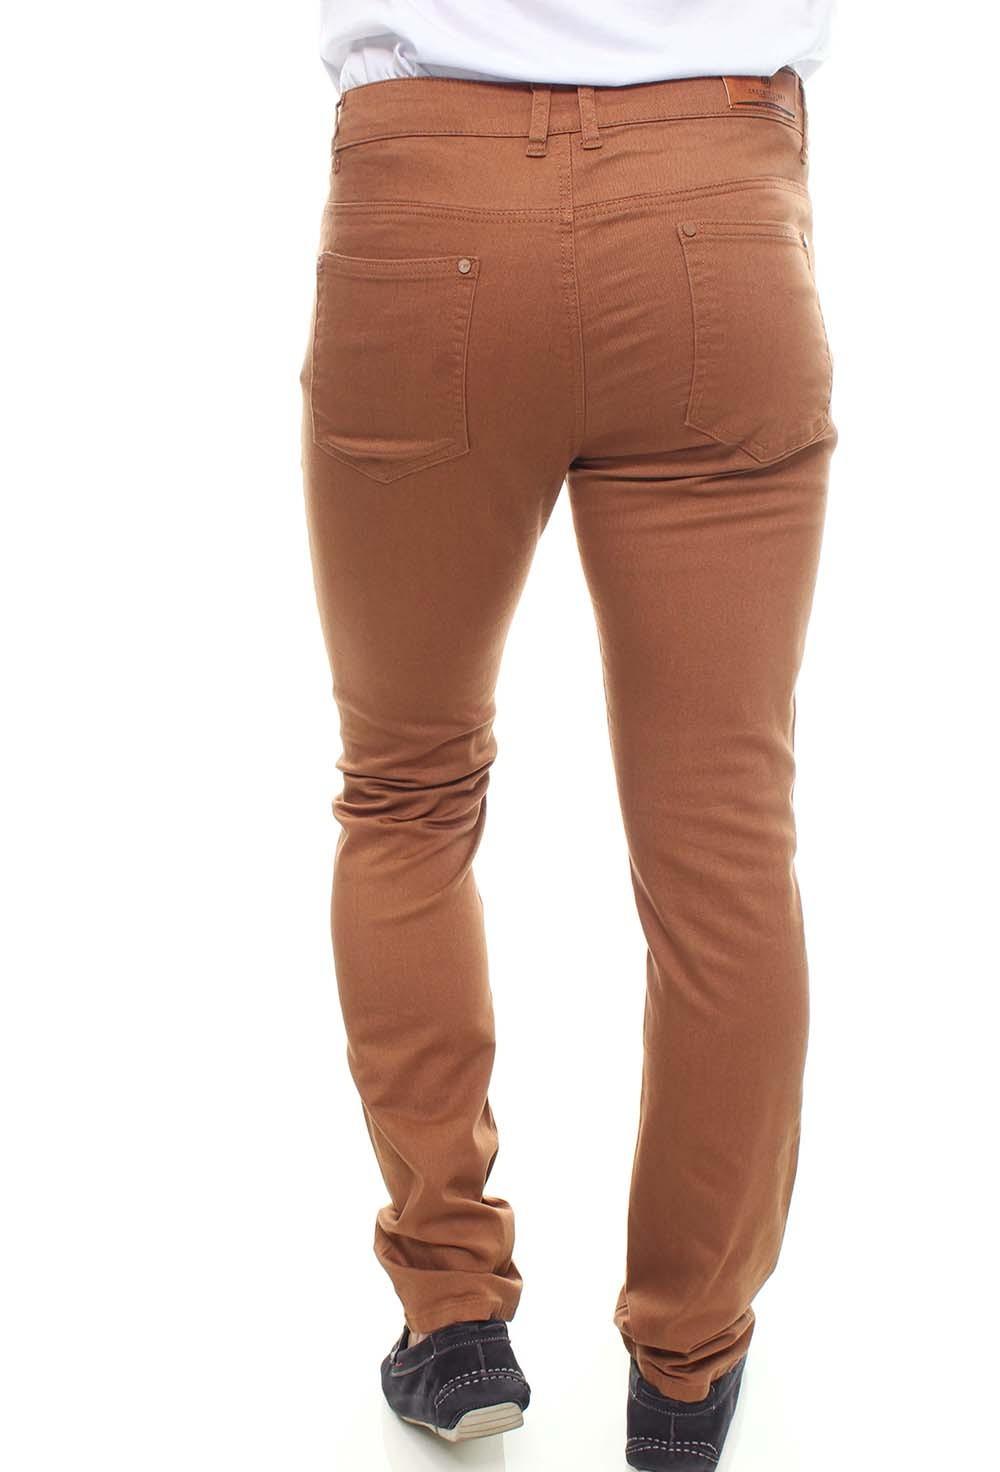 Calça Jeans Masculina Skinny Color - 45866  - CROCKER JEANS